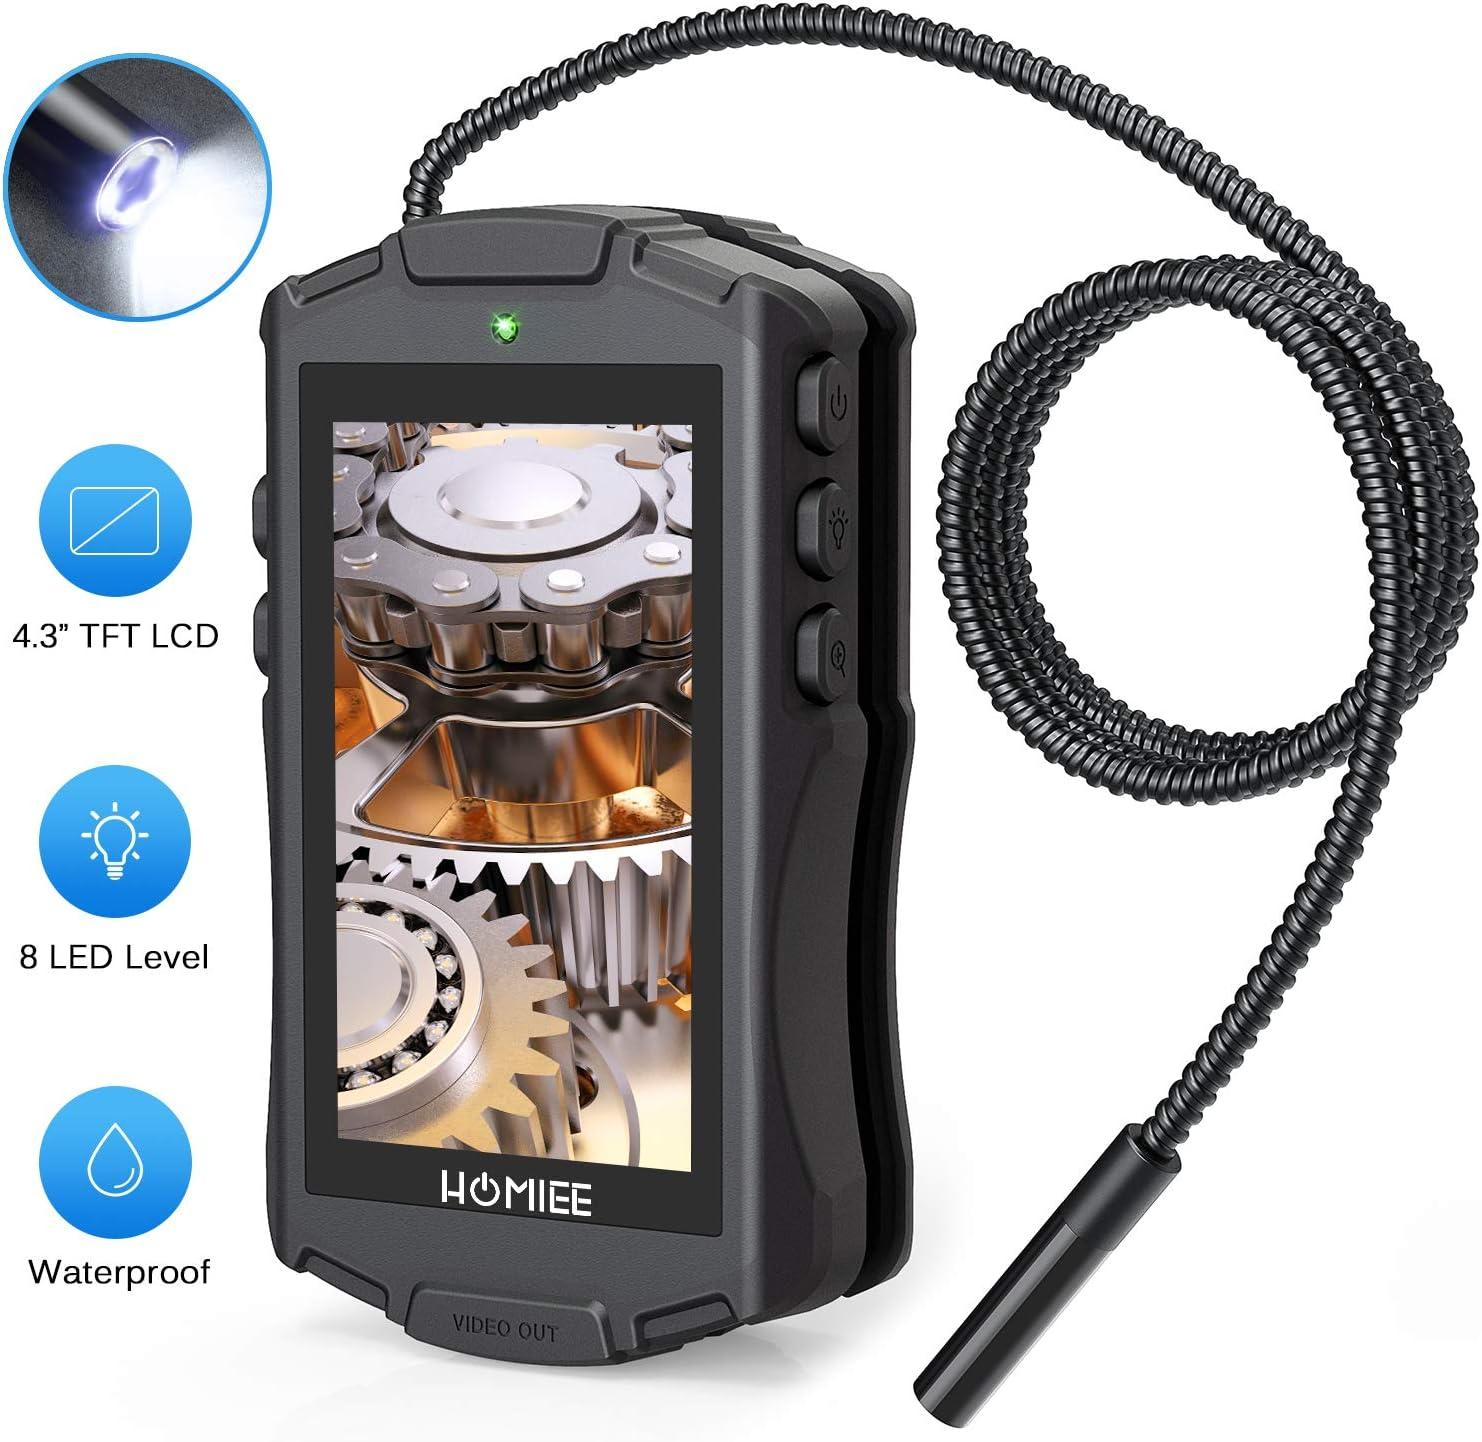 Homiee Endoskop Digitale Inspektionskamera Flexible Endoskopkamera Mit 4 3 Zoll Lcd Bildschirm Ip67 Wasserdichte Endoskopröhre 8 Stufen Led Beleutung Und 8mm Durchmesser Auto